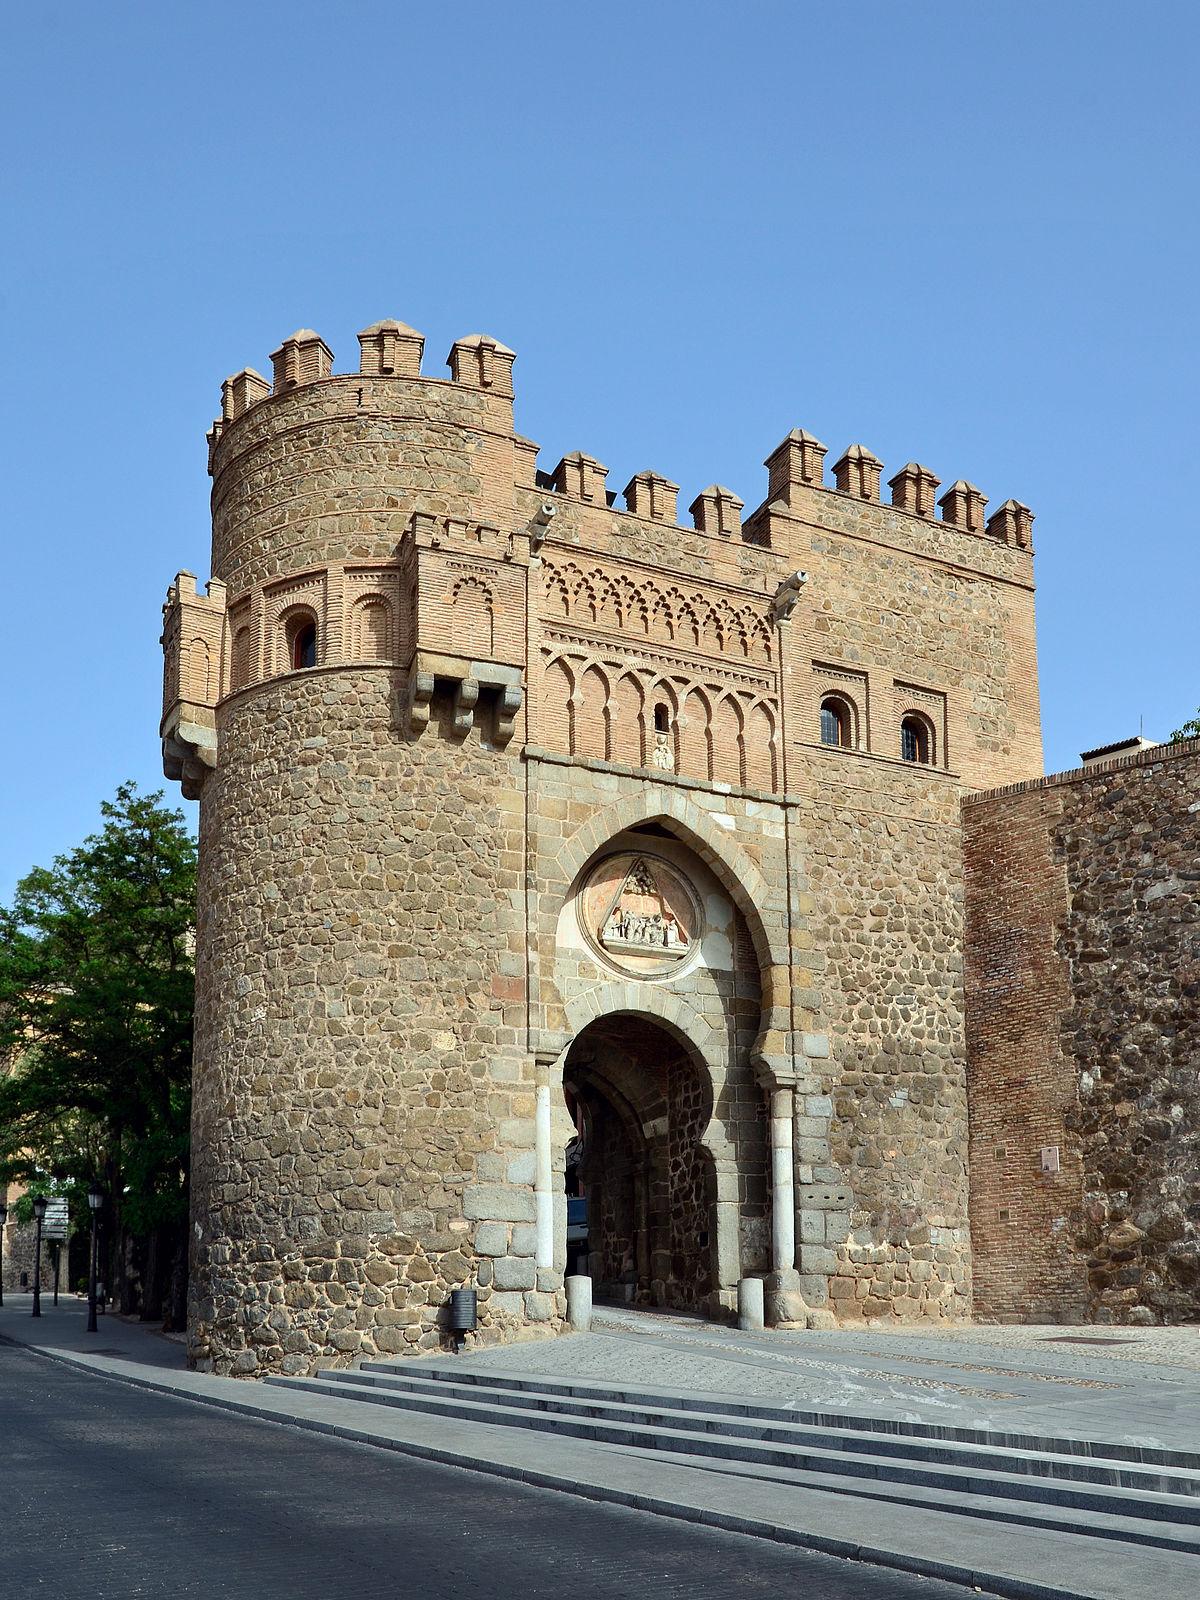 Puerta del sol toledo wikipedia for Puerta del sol historia